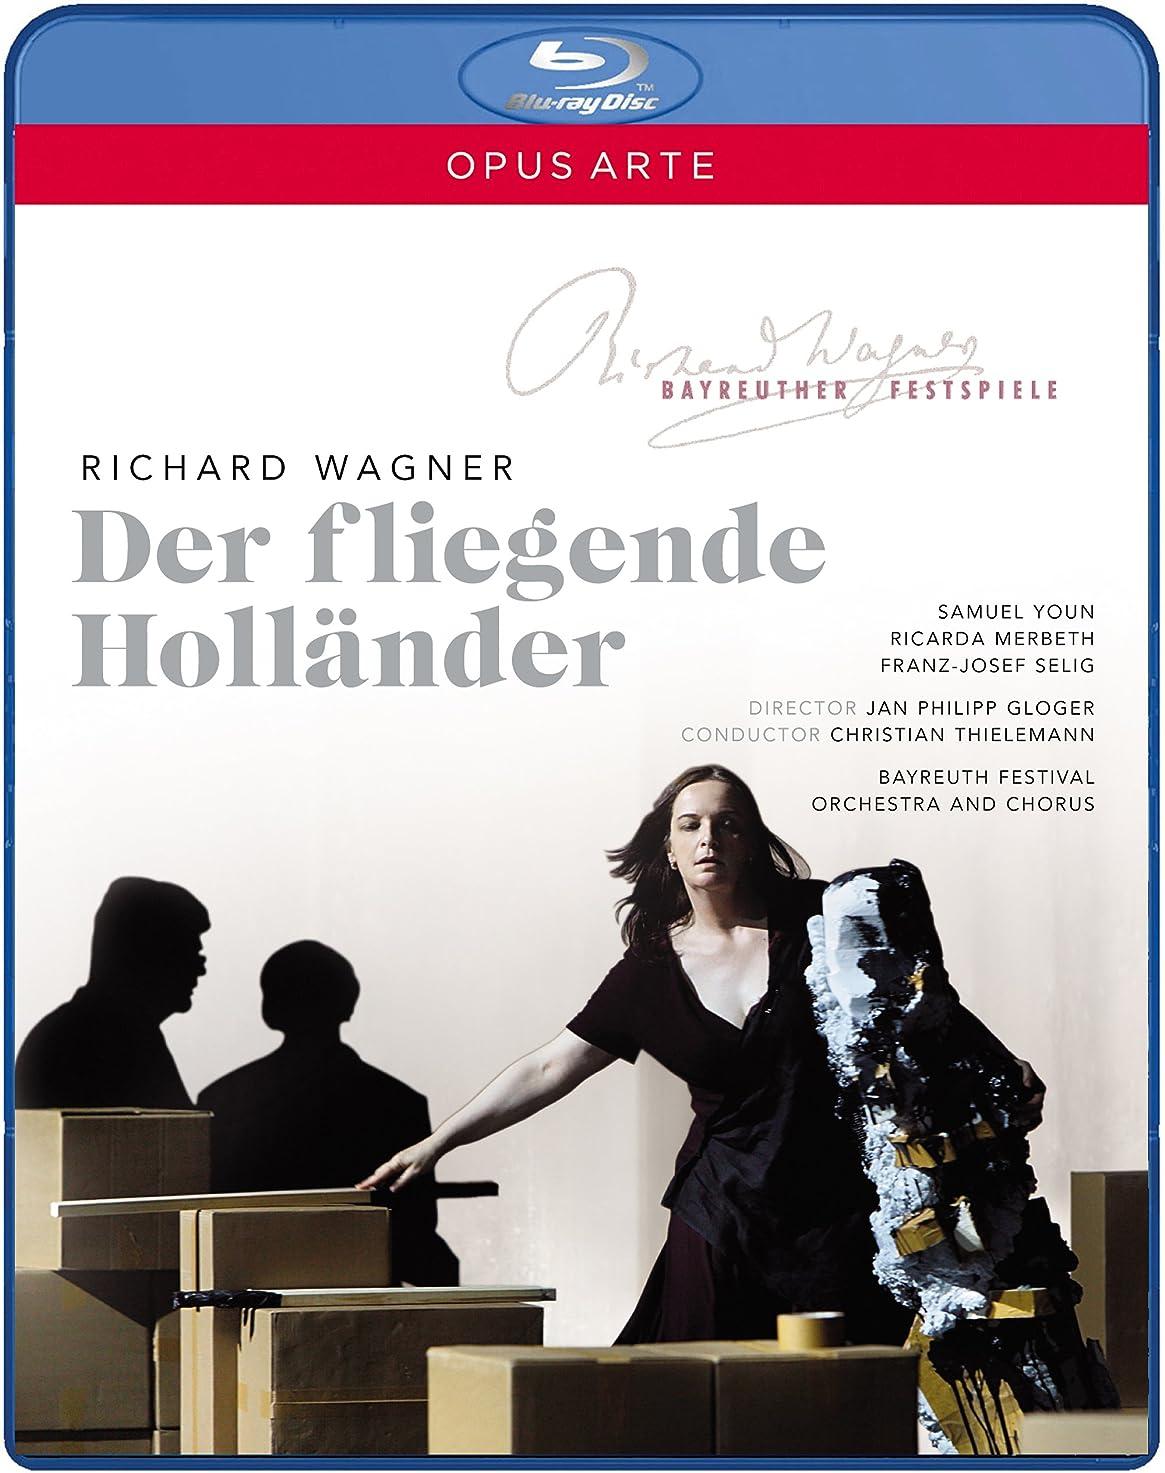 危険なストレス注目すべきDer Fliegende Hollander [Blu-ray]